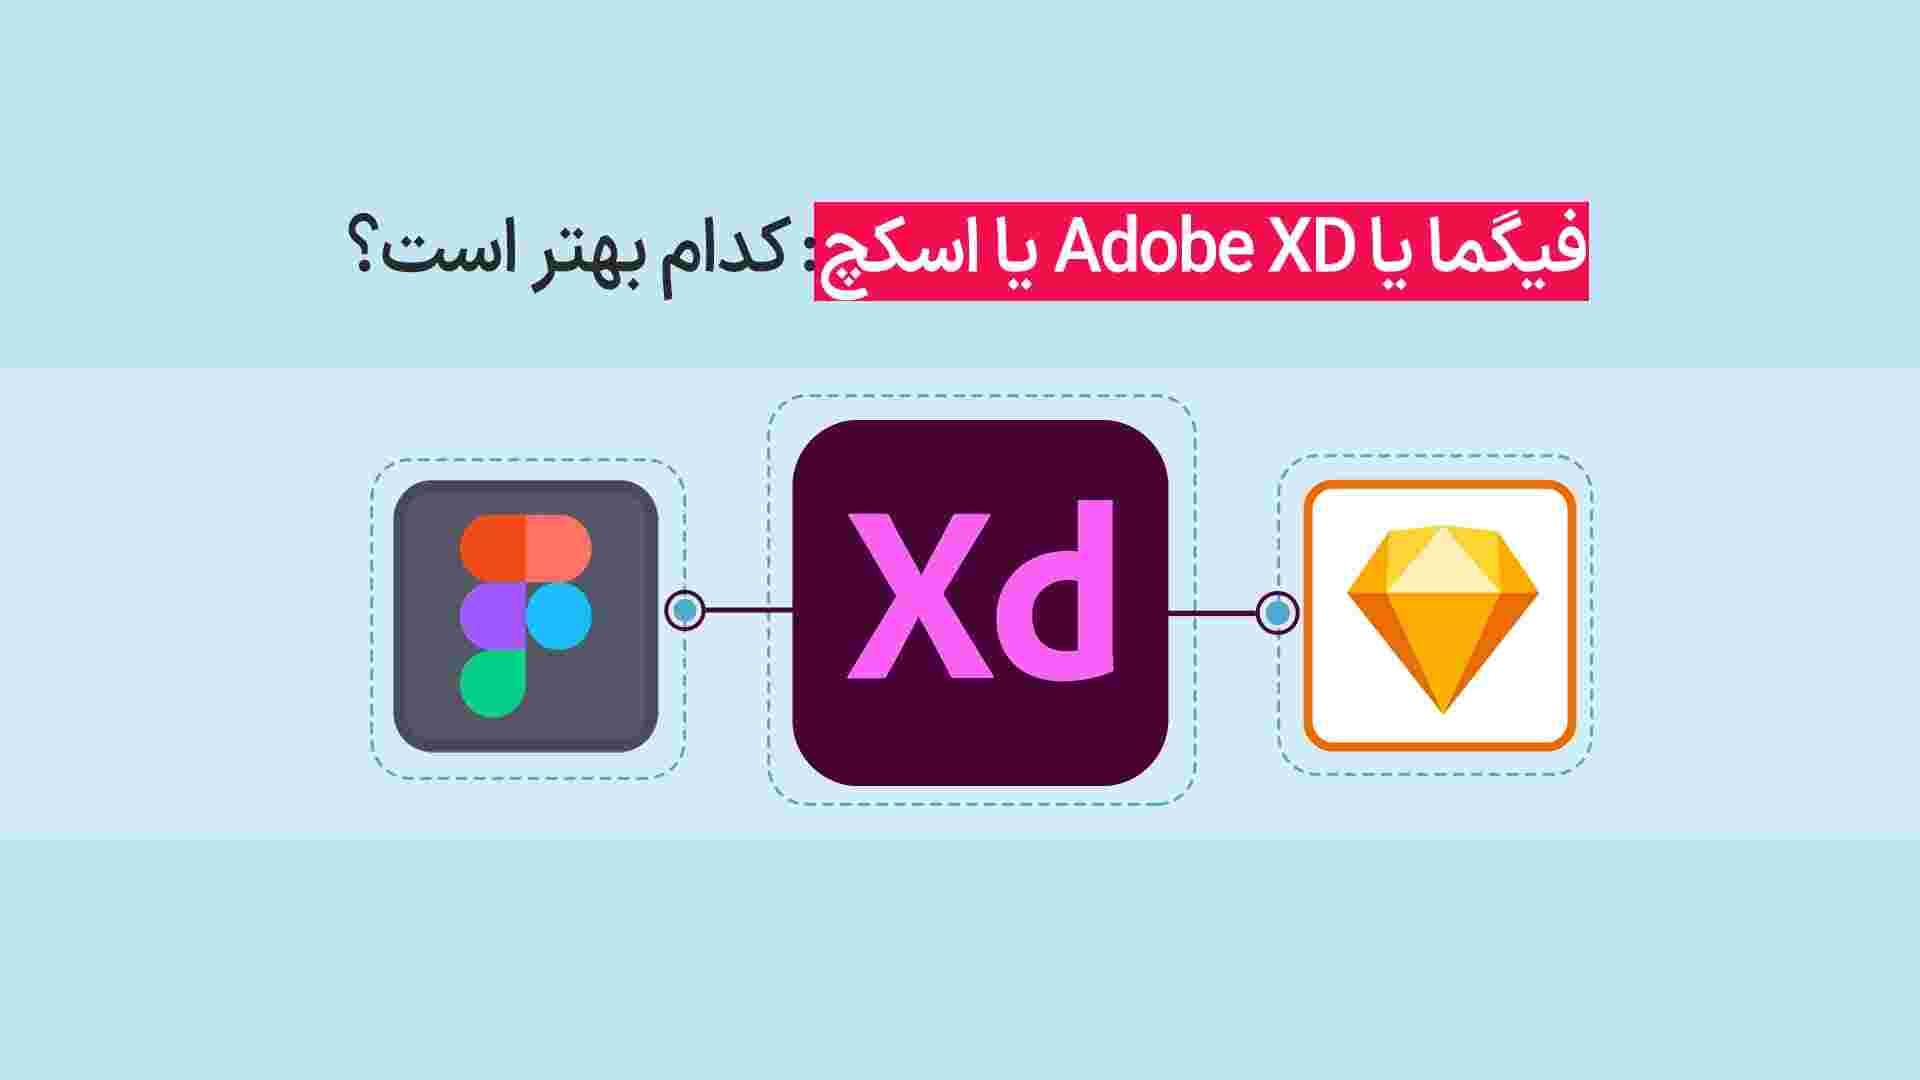 فیگما یا Adobe XD یا اسکچ: کدام بهتر است؟| فیگما یا XD